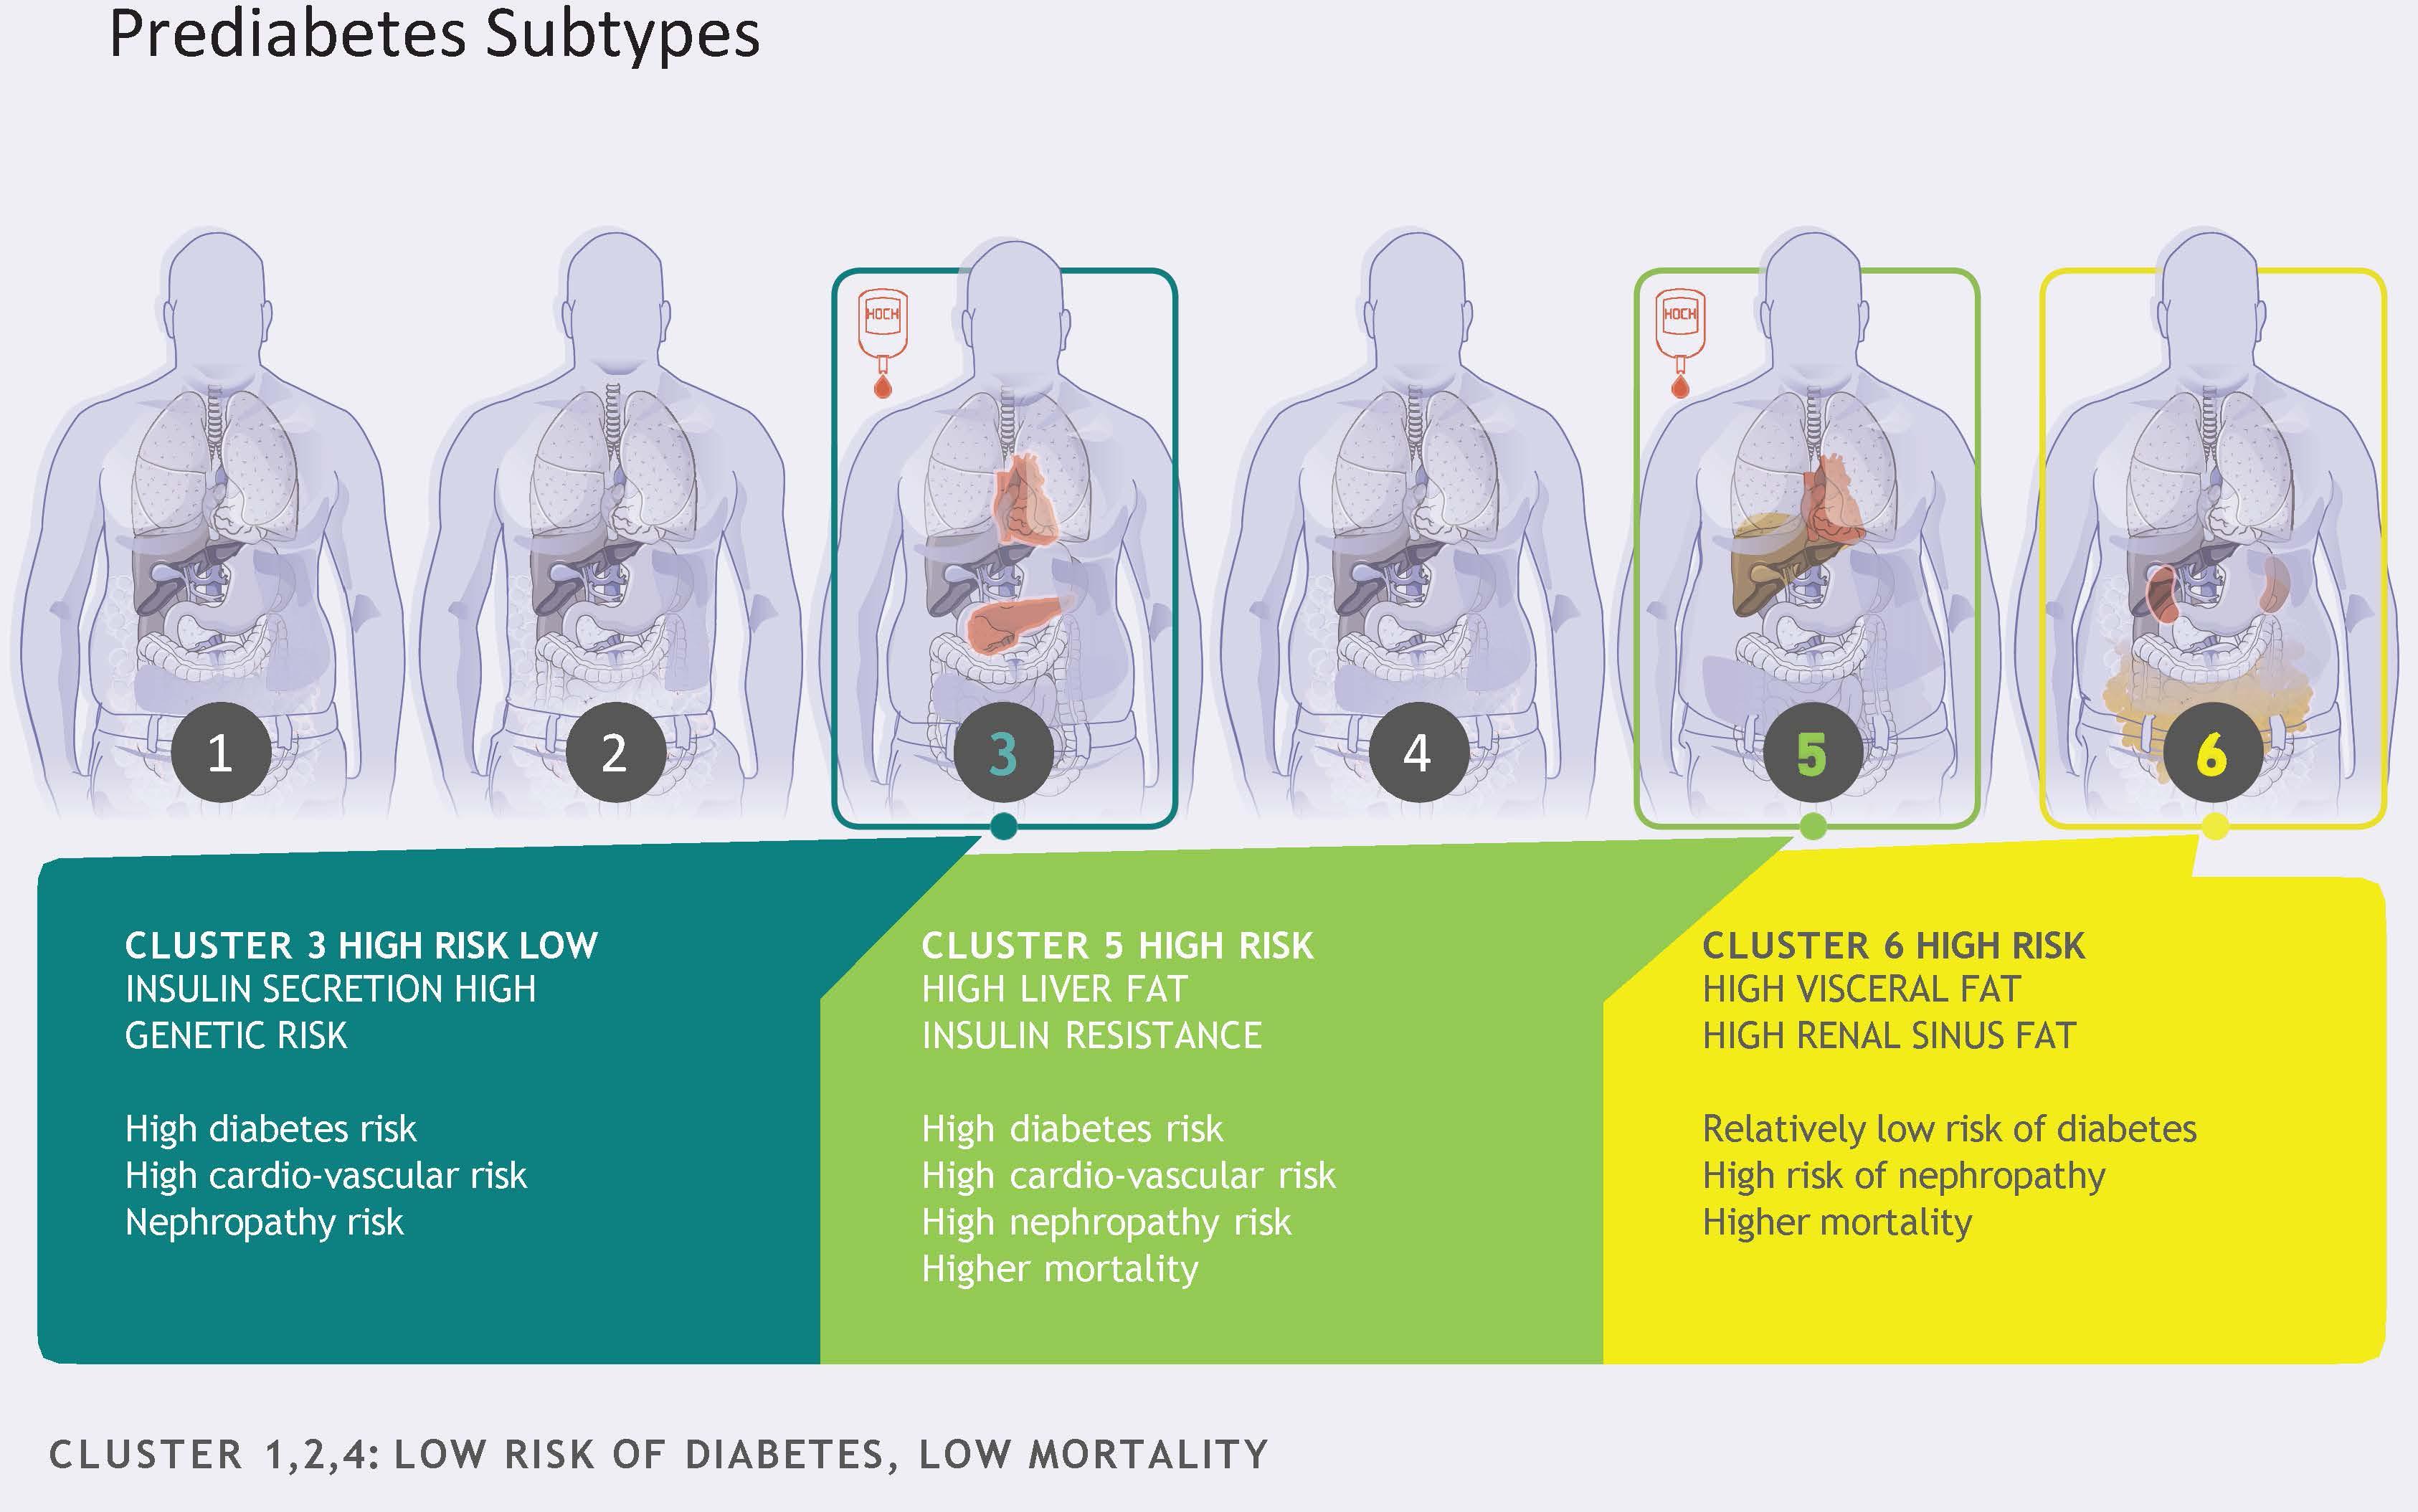 Предиабет разделили на шесть типов